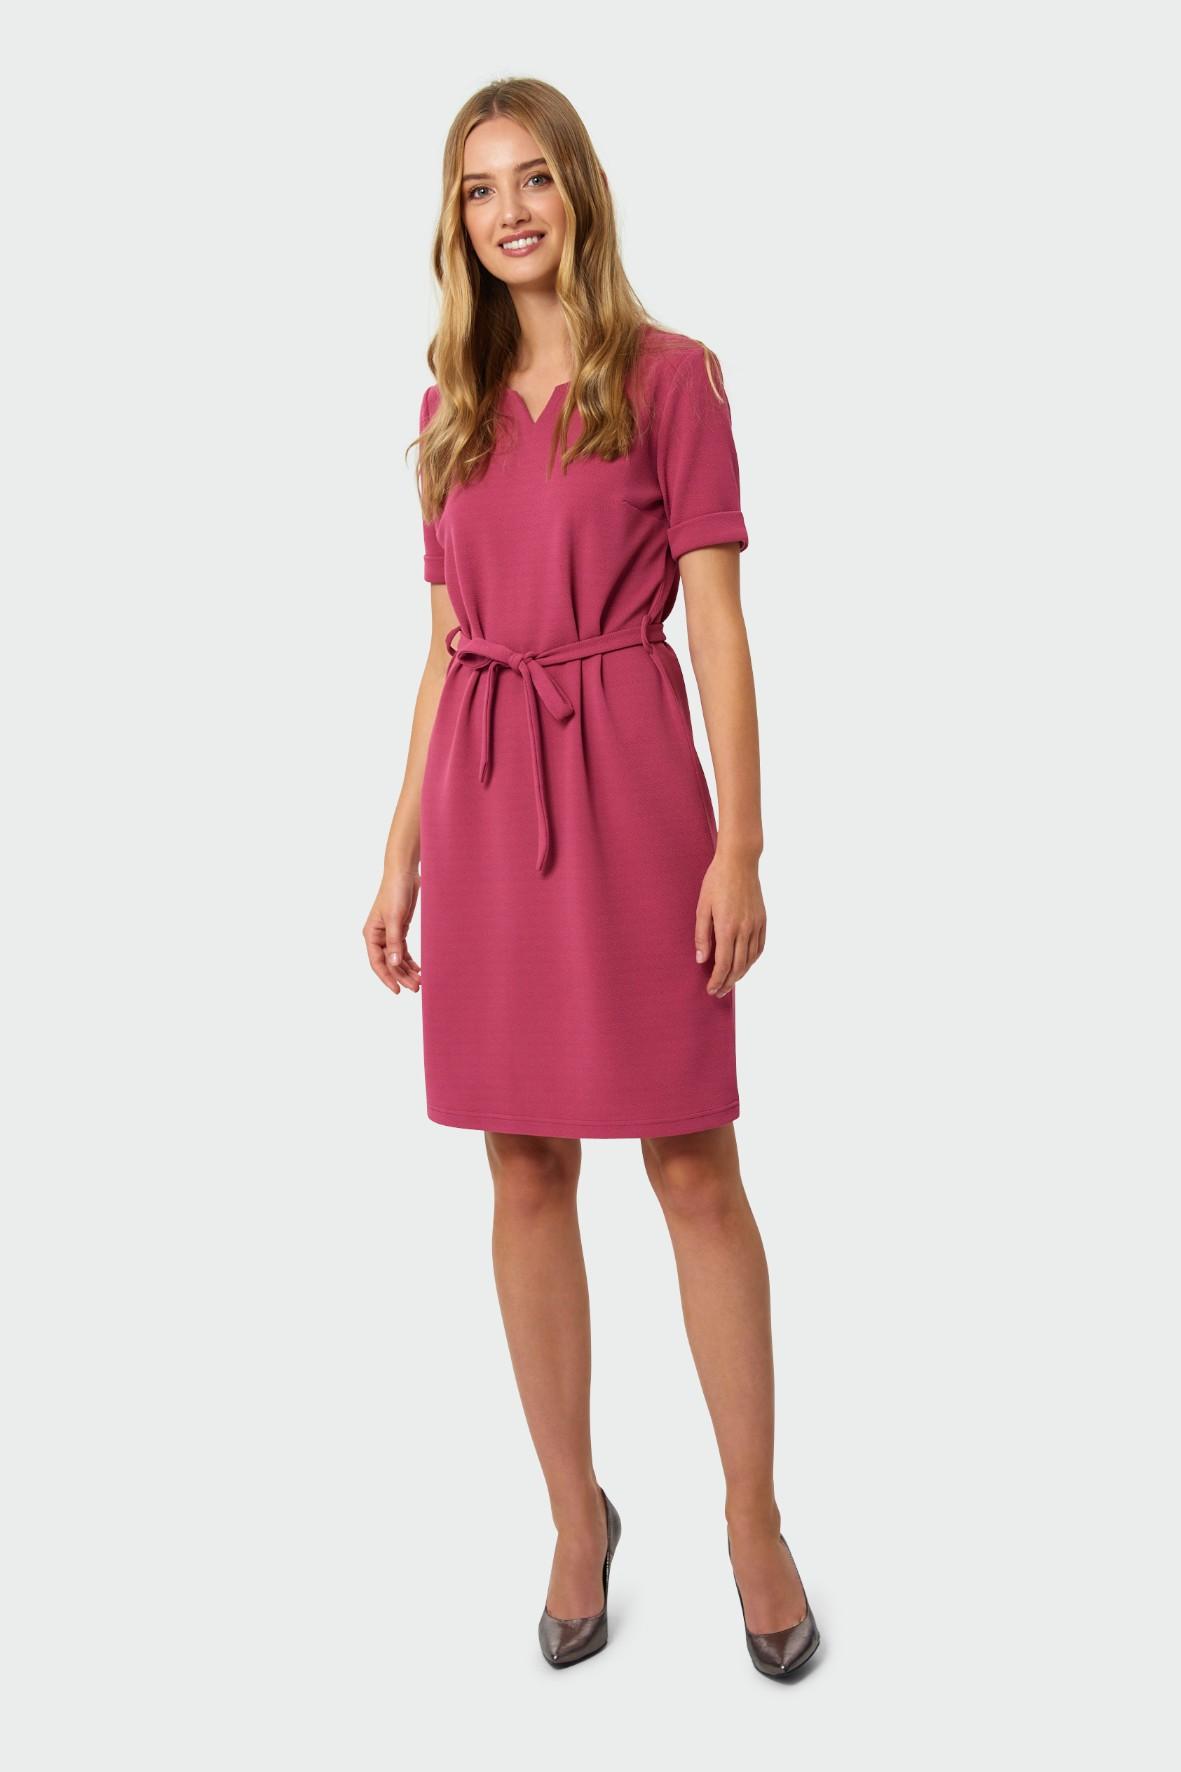 Sukienka o prostym kroju  dekoracyjne rozcięcie przy dekolcie różowa